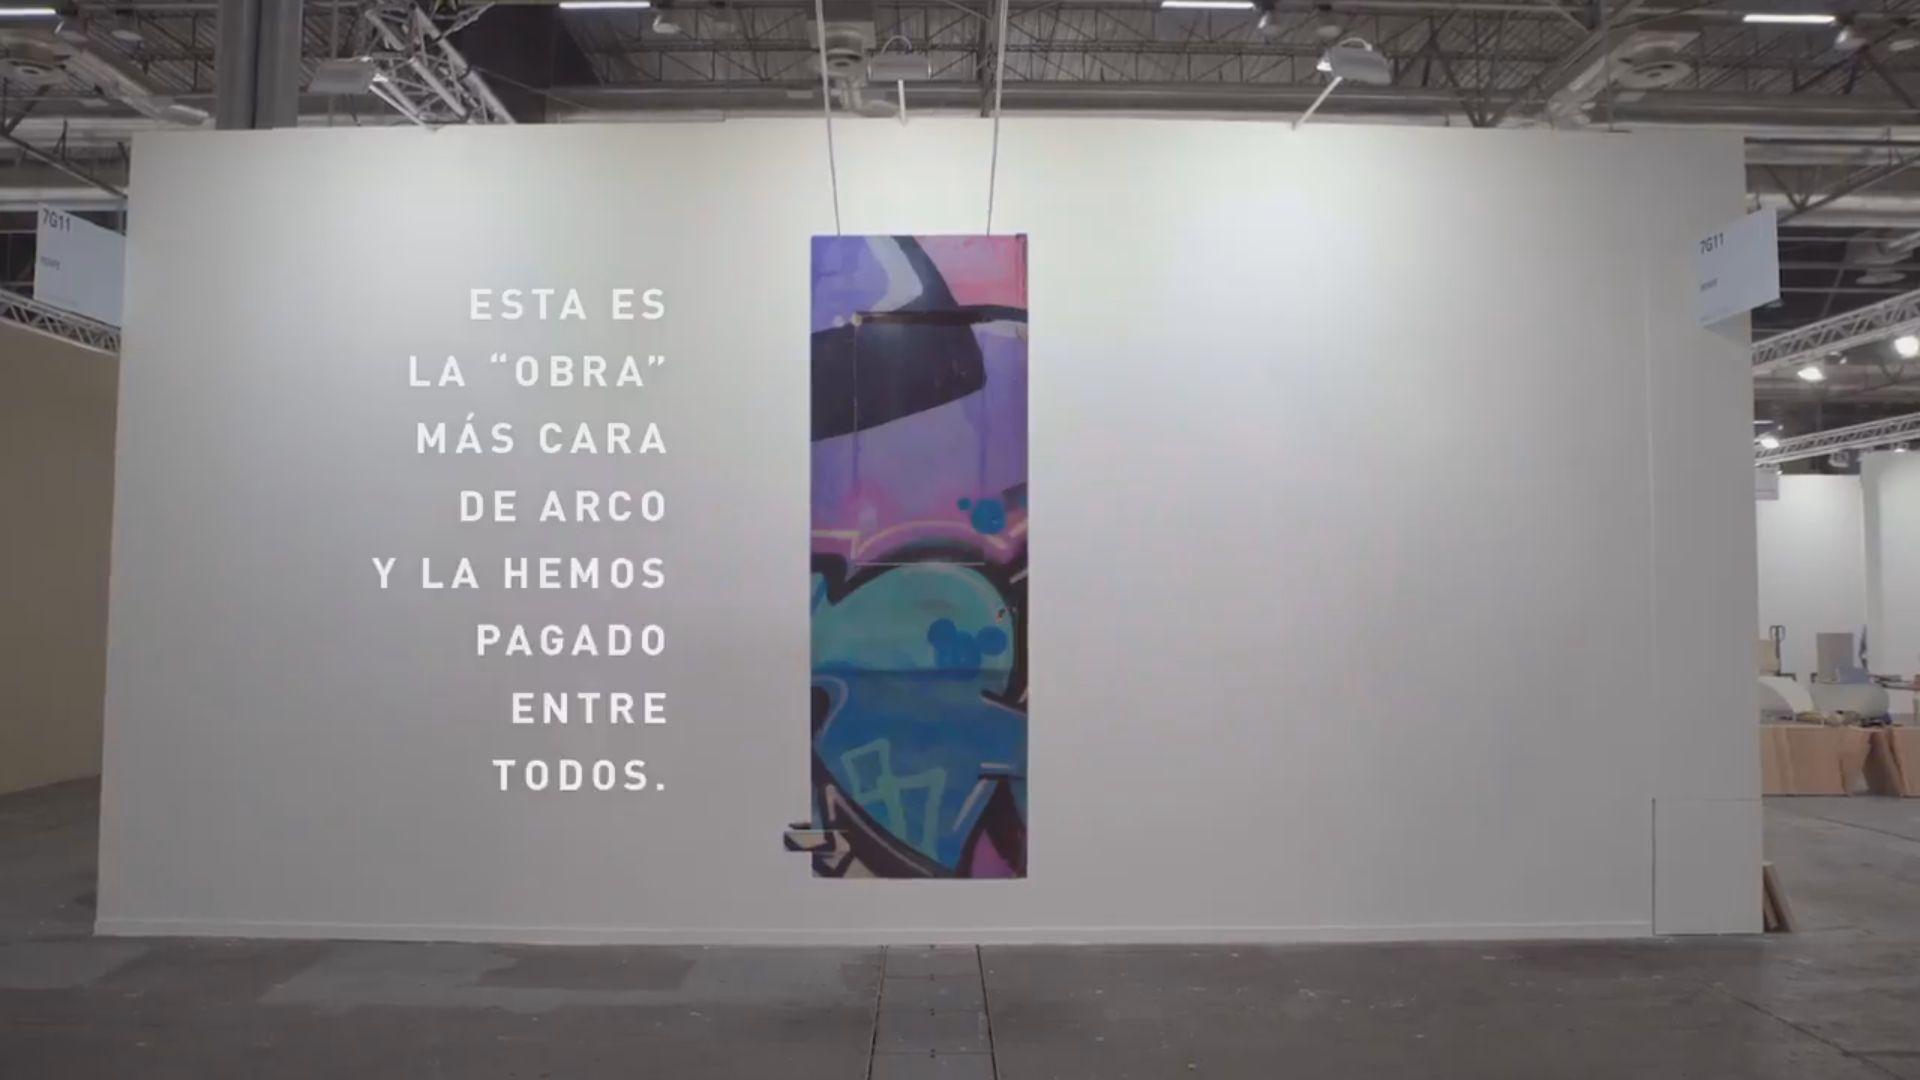 Así es el vídeo con el que Renfe denuncia el coste de las pintadas en sus trenes.El loco cambio del tiempo en Asturias en un solo año